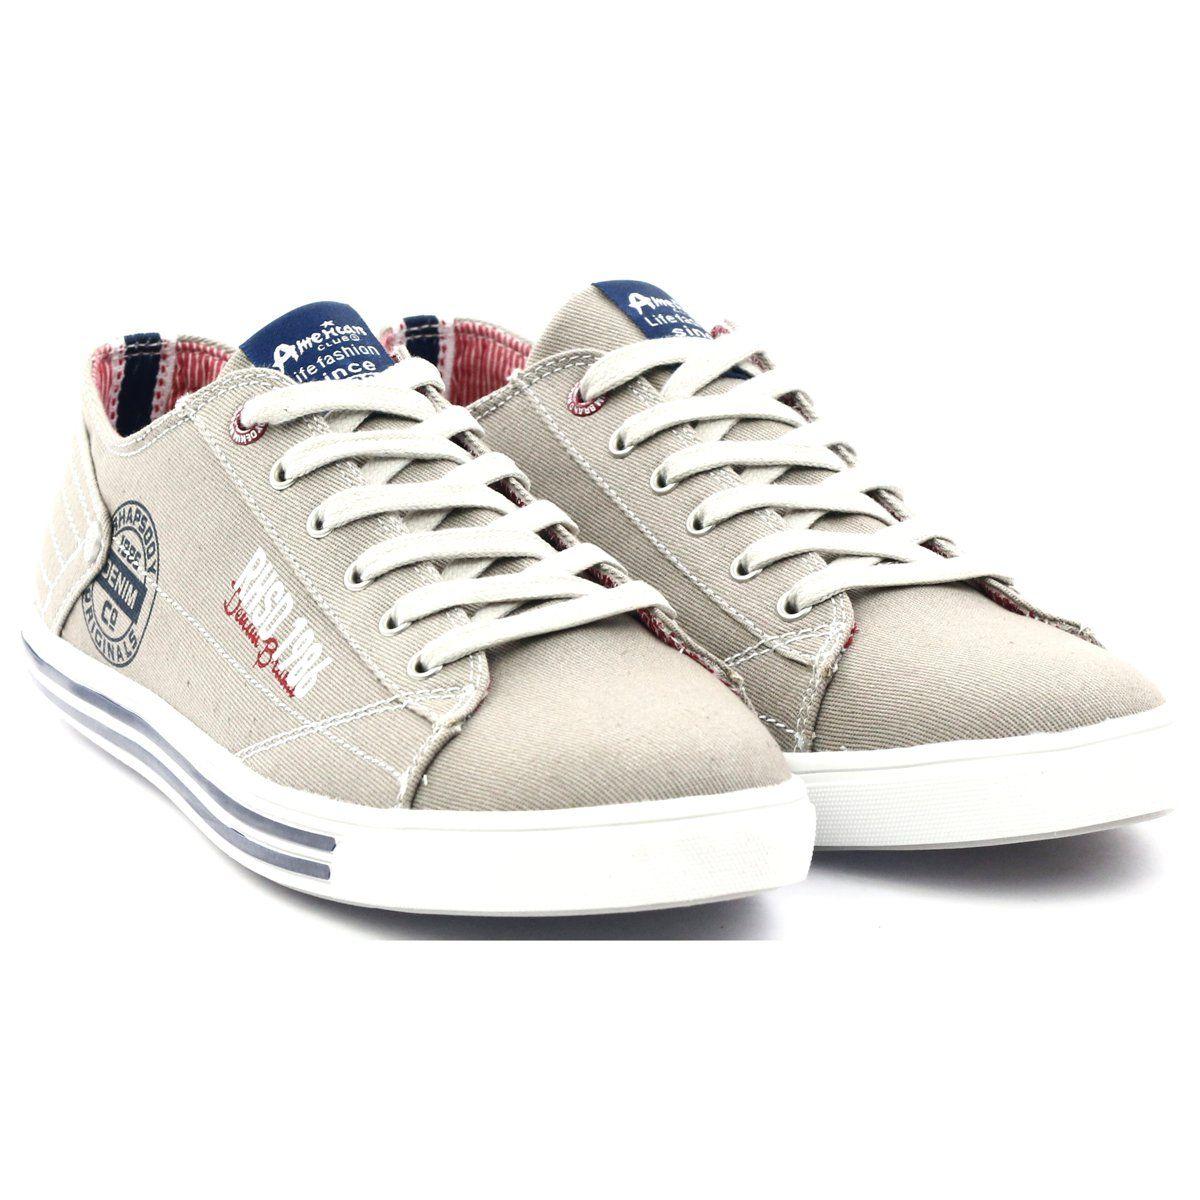 Tenisowki Meskie Americanclub Granatowe Brazowe Sportowe Tenisowki Bezowe American 604061 American Club Sneakers Superga Sneaker Shoes